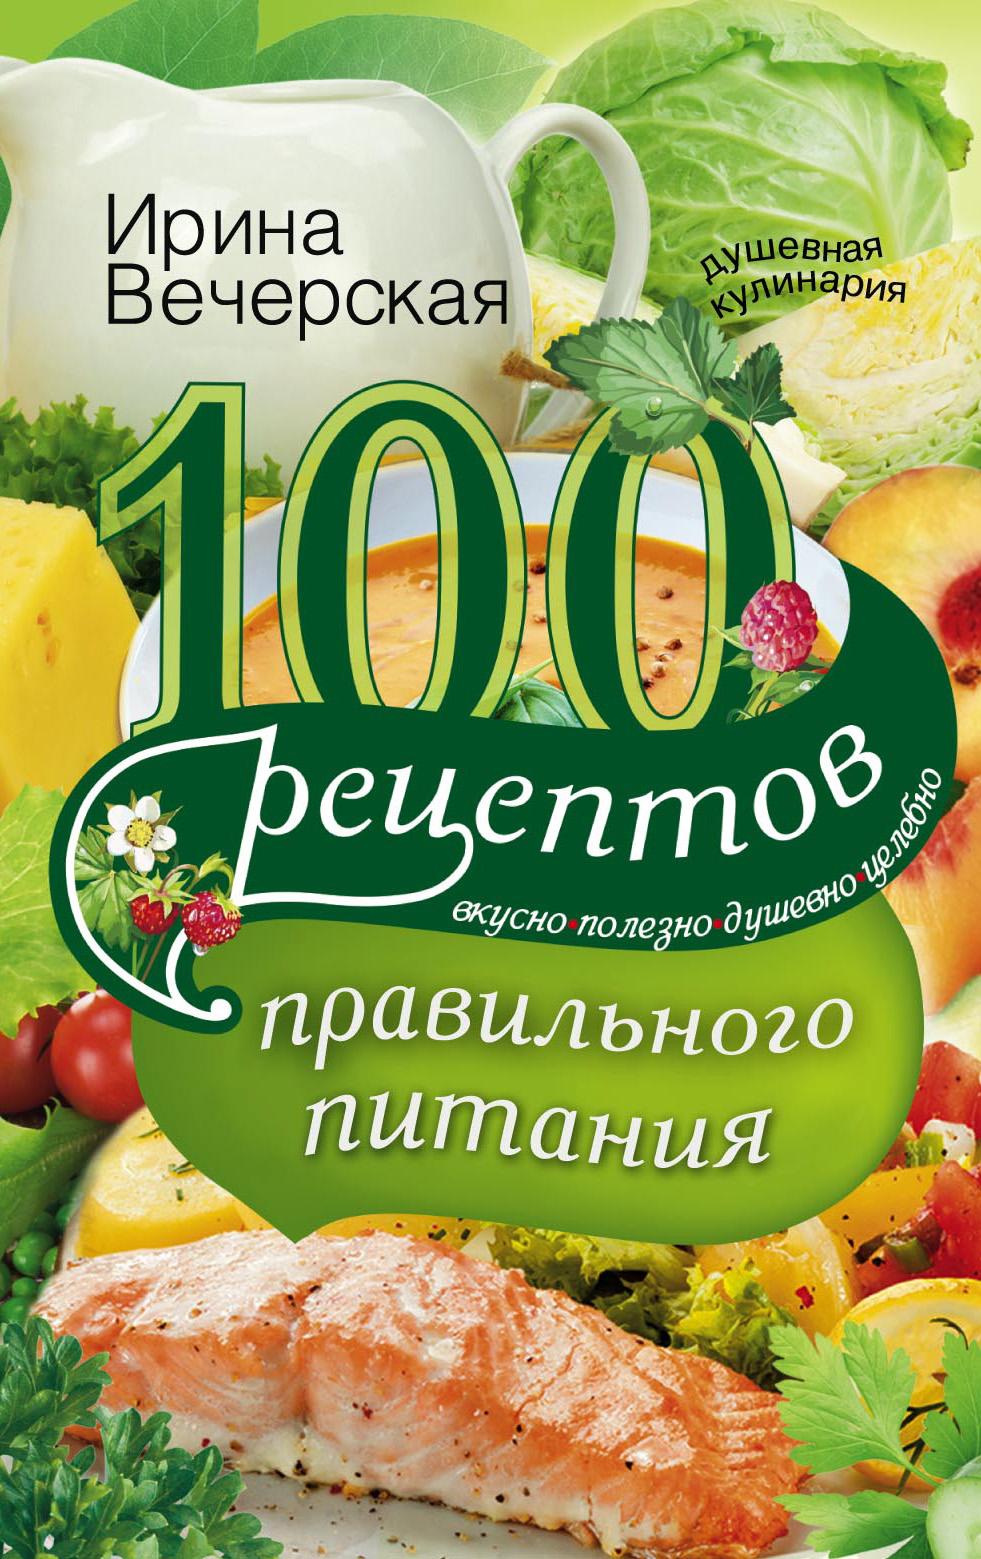 Ирина Вечерская 100 рецептов правильного питания. Вкусно, полезно, душевно, целебно бады здоровье и красота флавит м